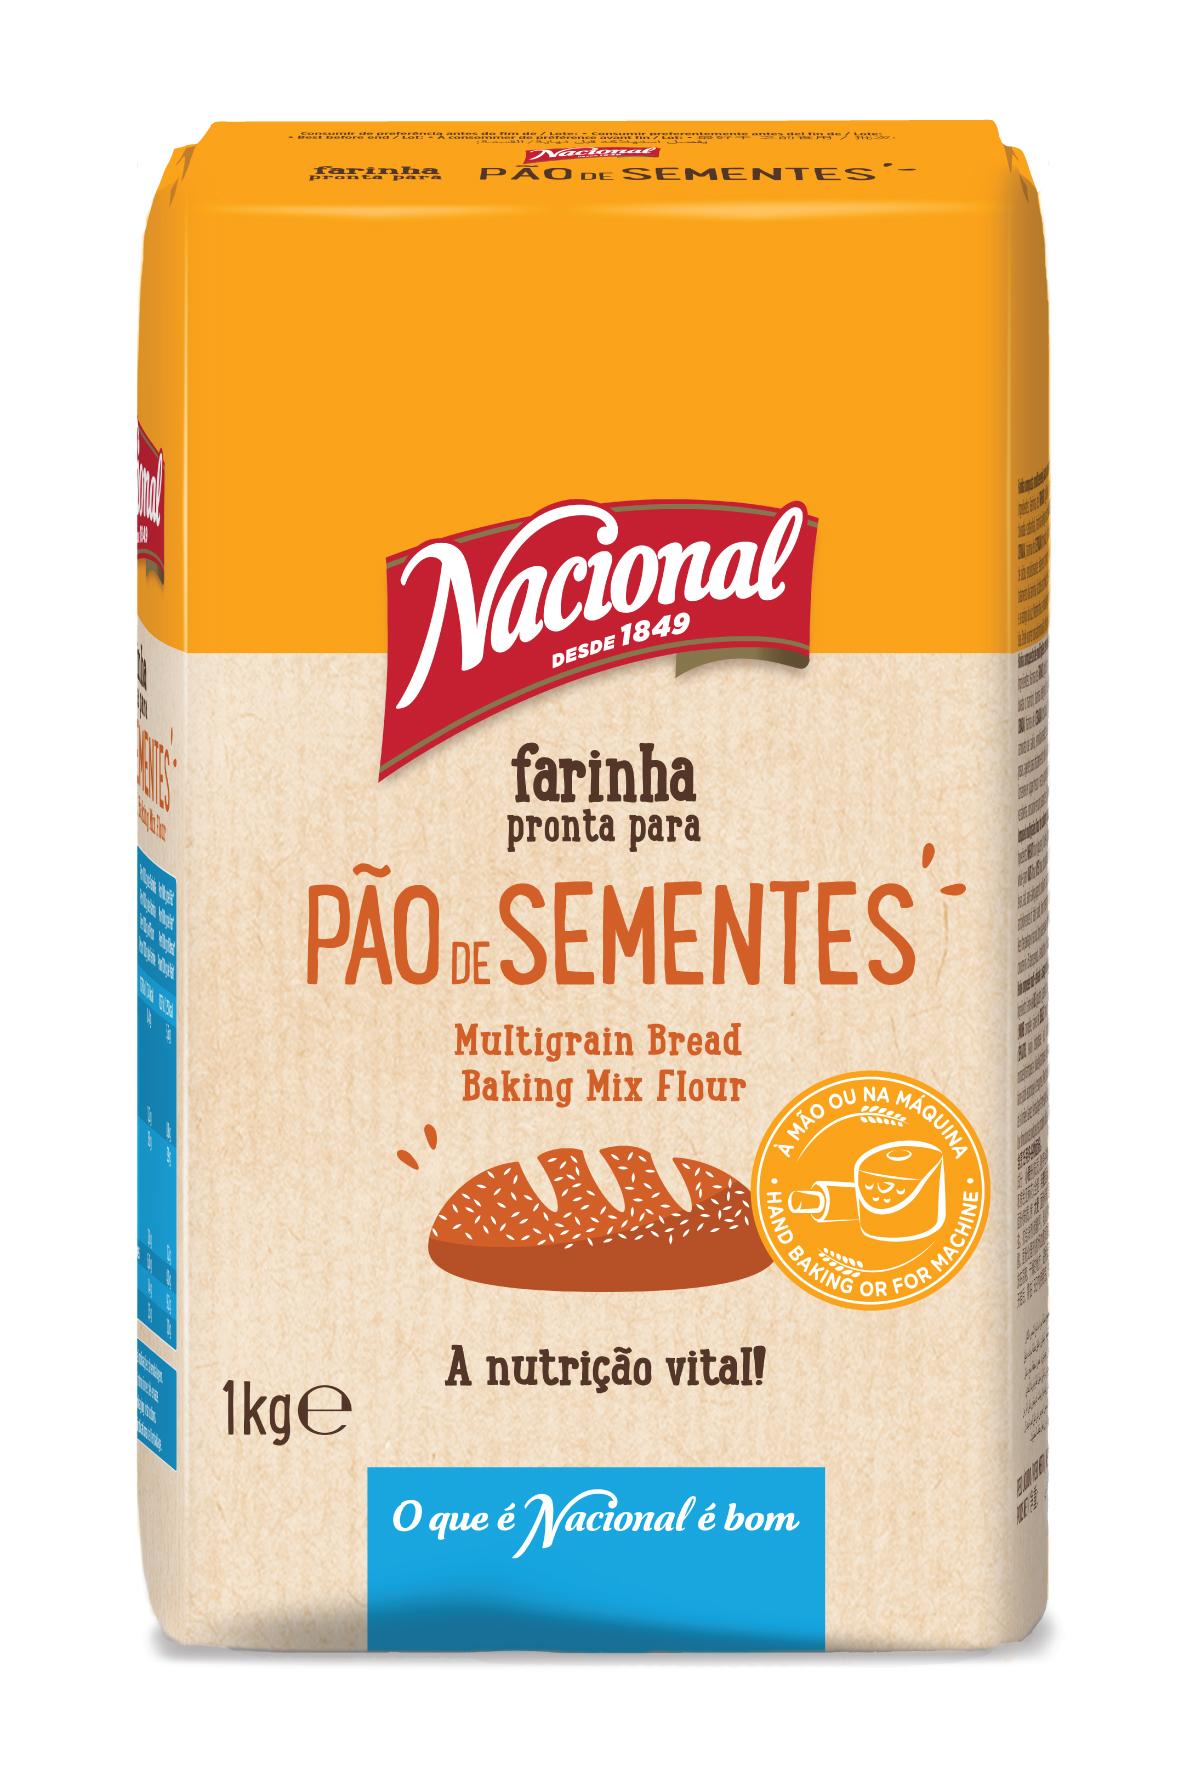 ImagePÃO SEMENTES 1kg